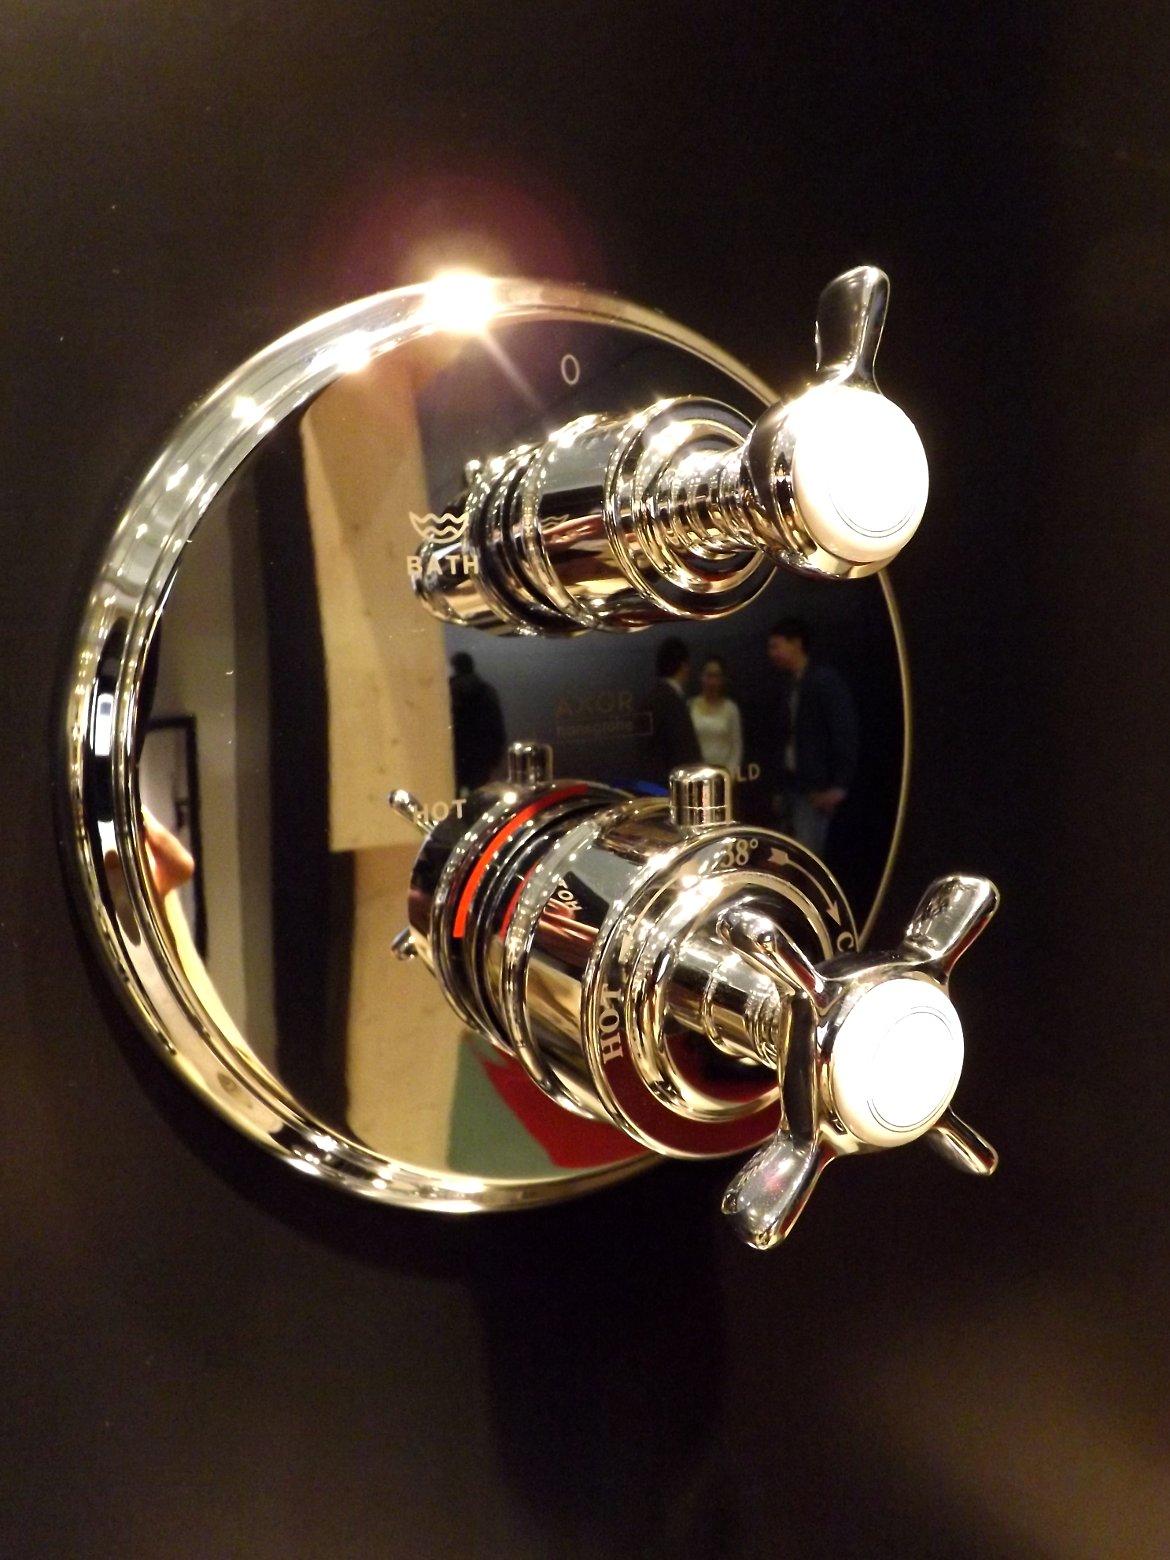 Модные тренды сантехники и аксессуаров для ванной 2016: панель управления скрытым в стене смесителем на экспозиции от AXOR (Hansgrohe) во время выставки MosBuild